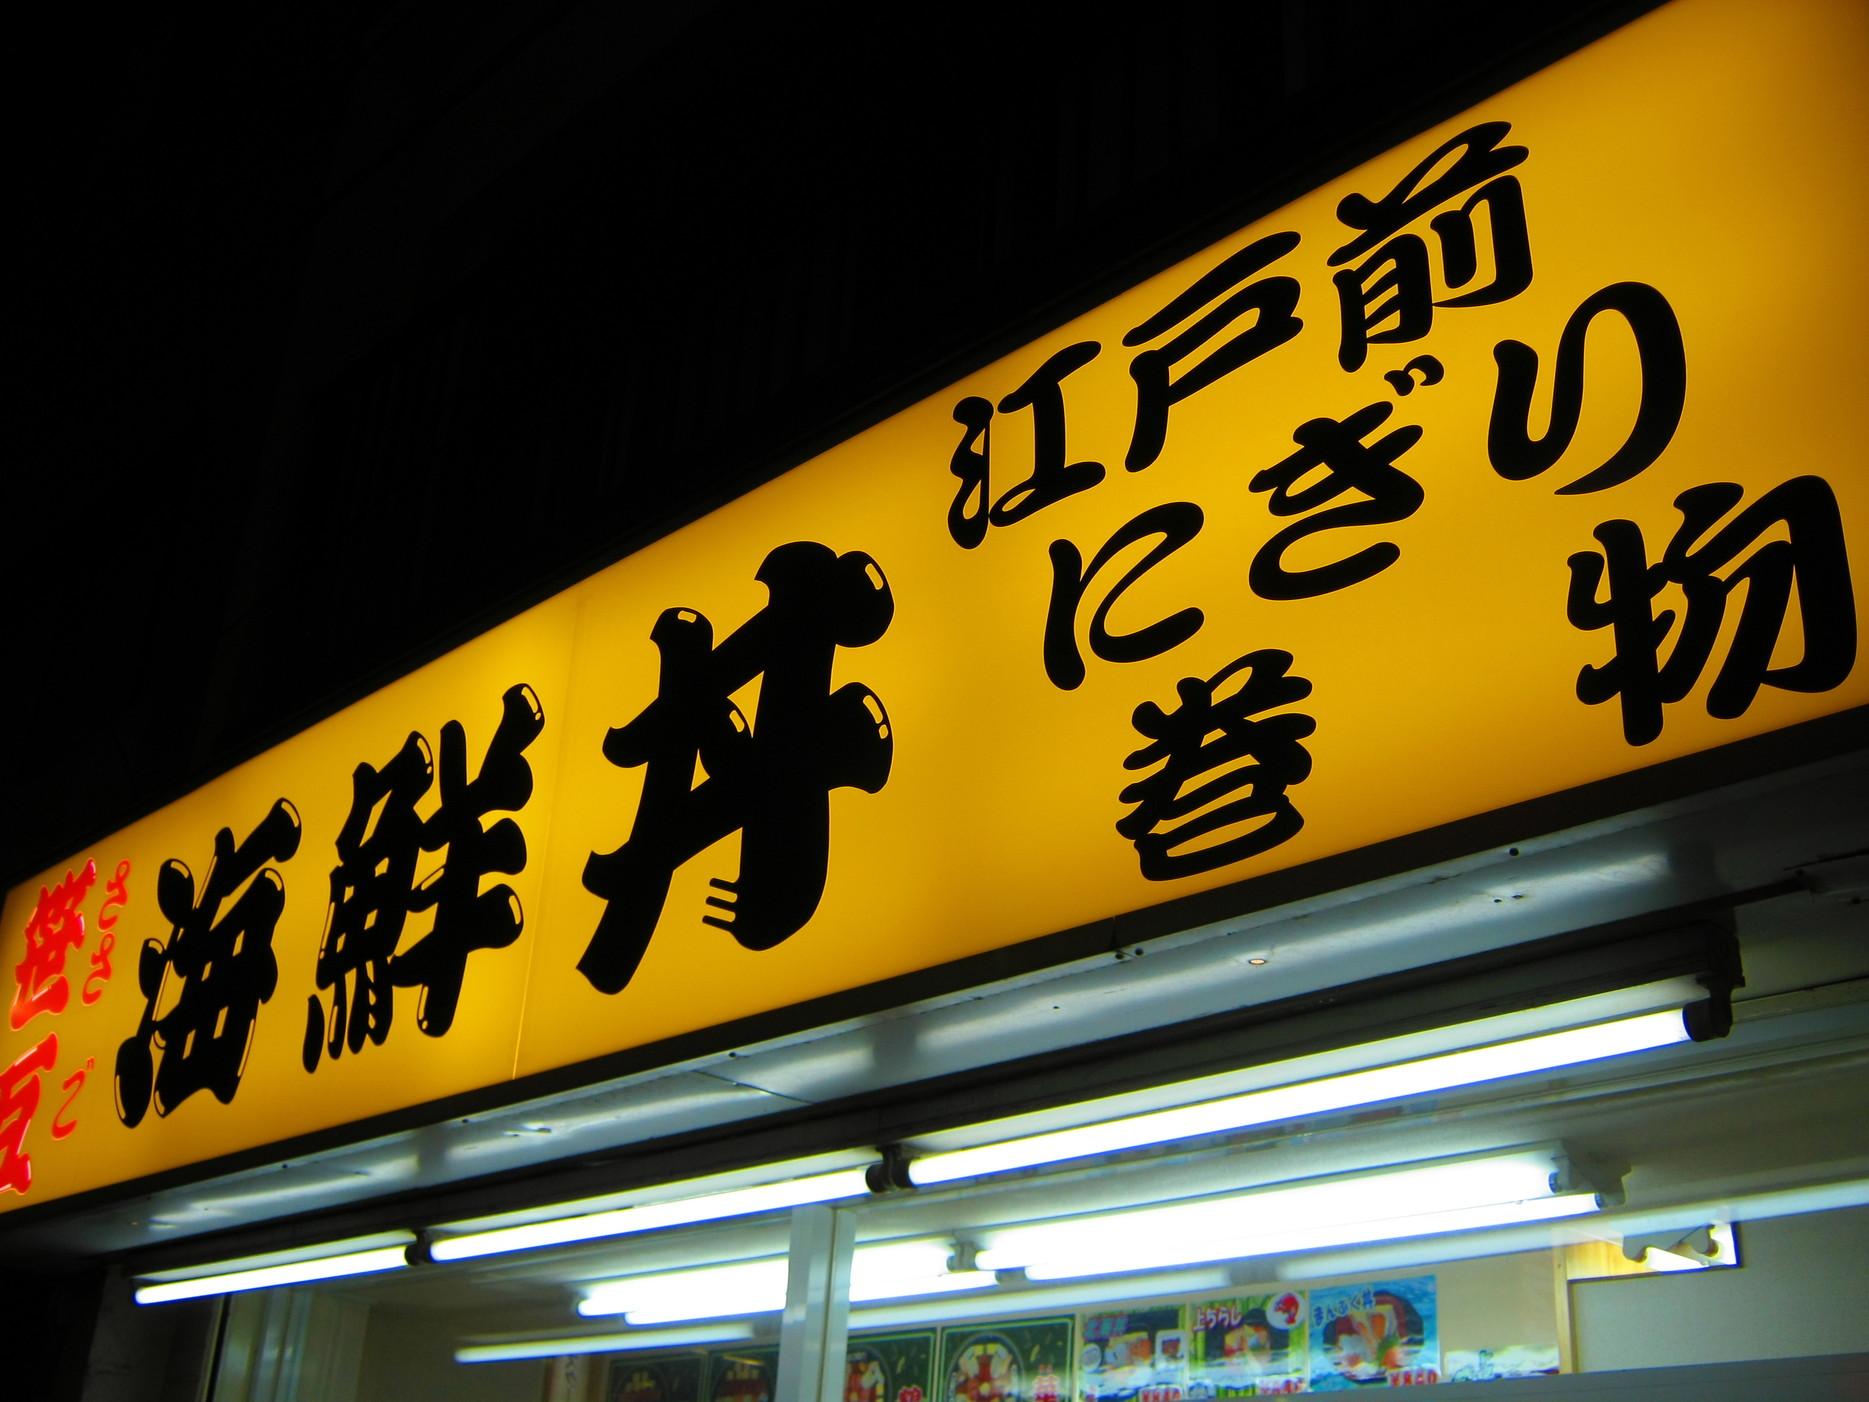 笹互 梅島店